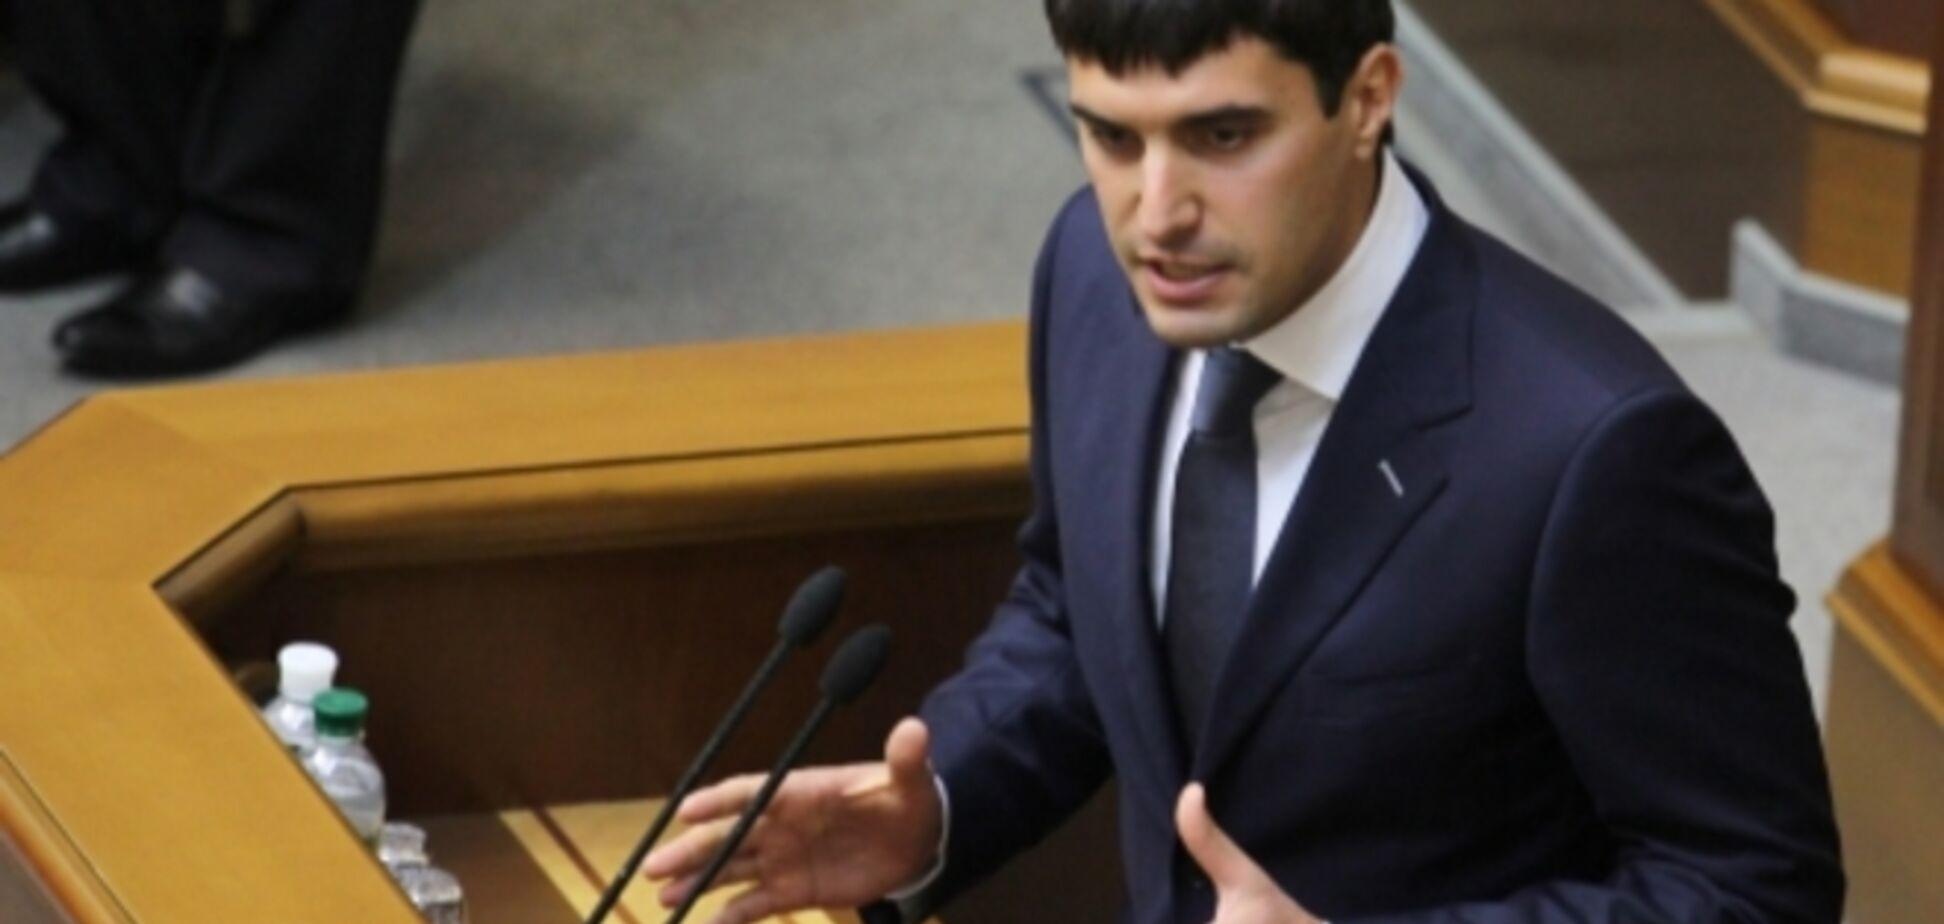 Левченко просит 'Правый сектор' вернуть сережки и не хочет говорить про 2 млн